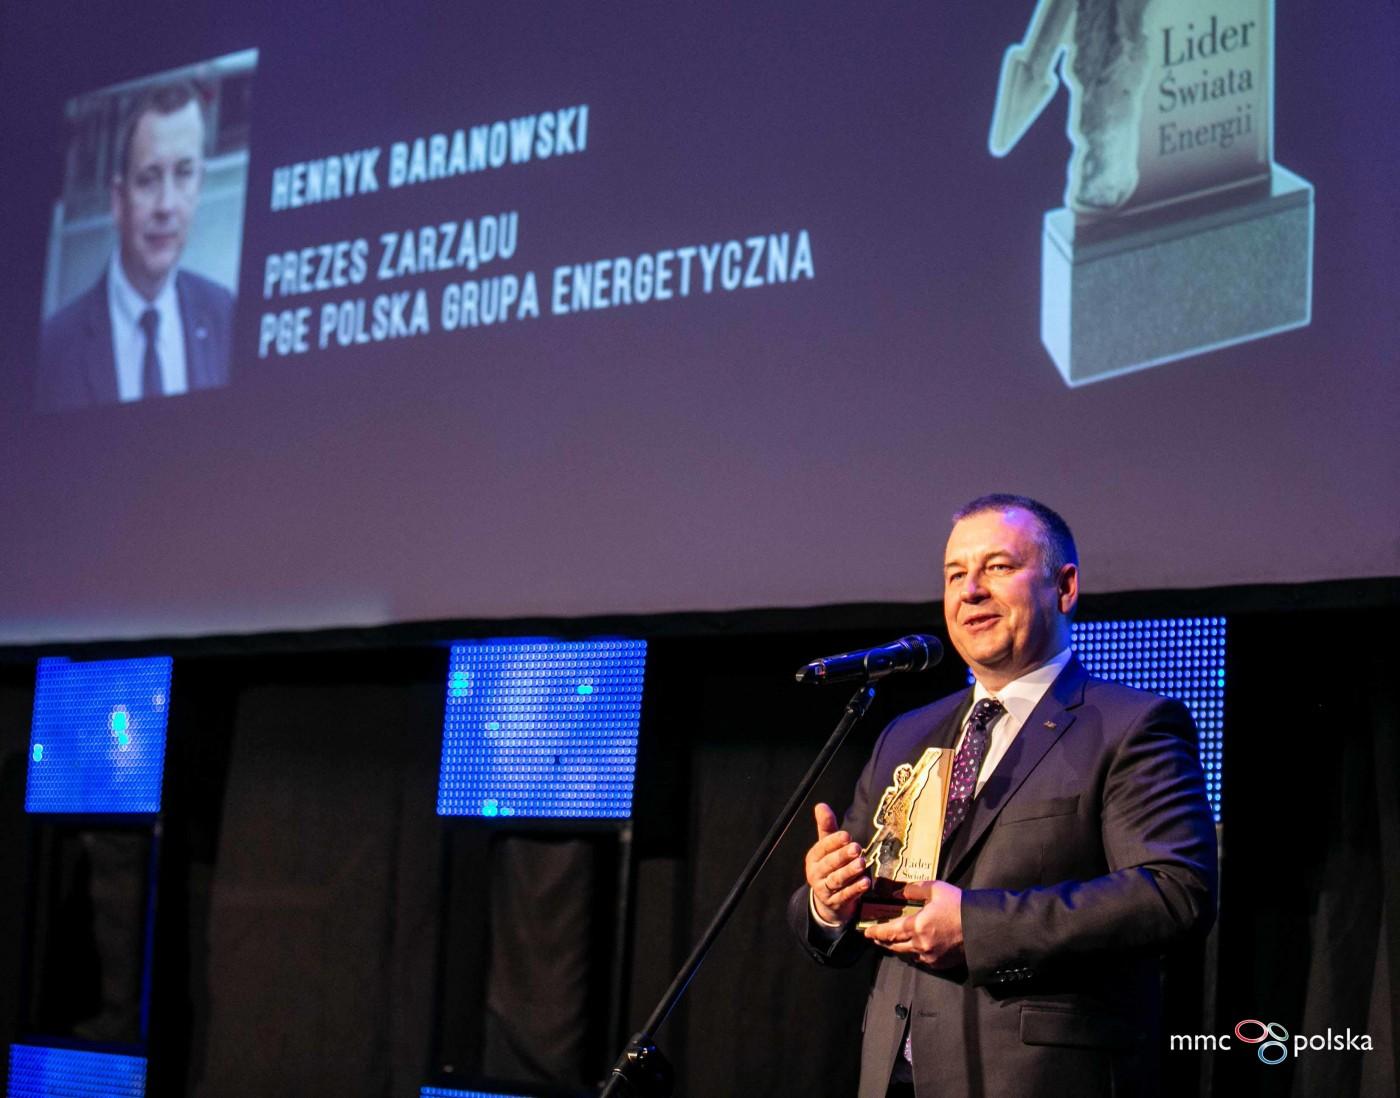 henryk-baranowski-managerem-roku-w-konkursie-liderzy-swiata-energii-1.jpg